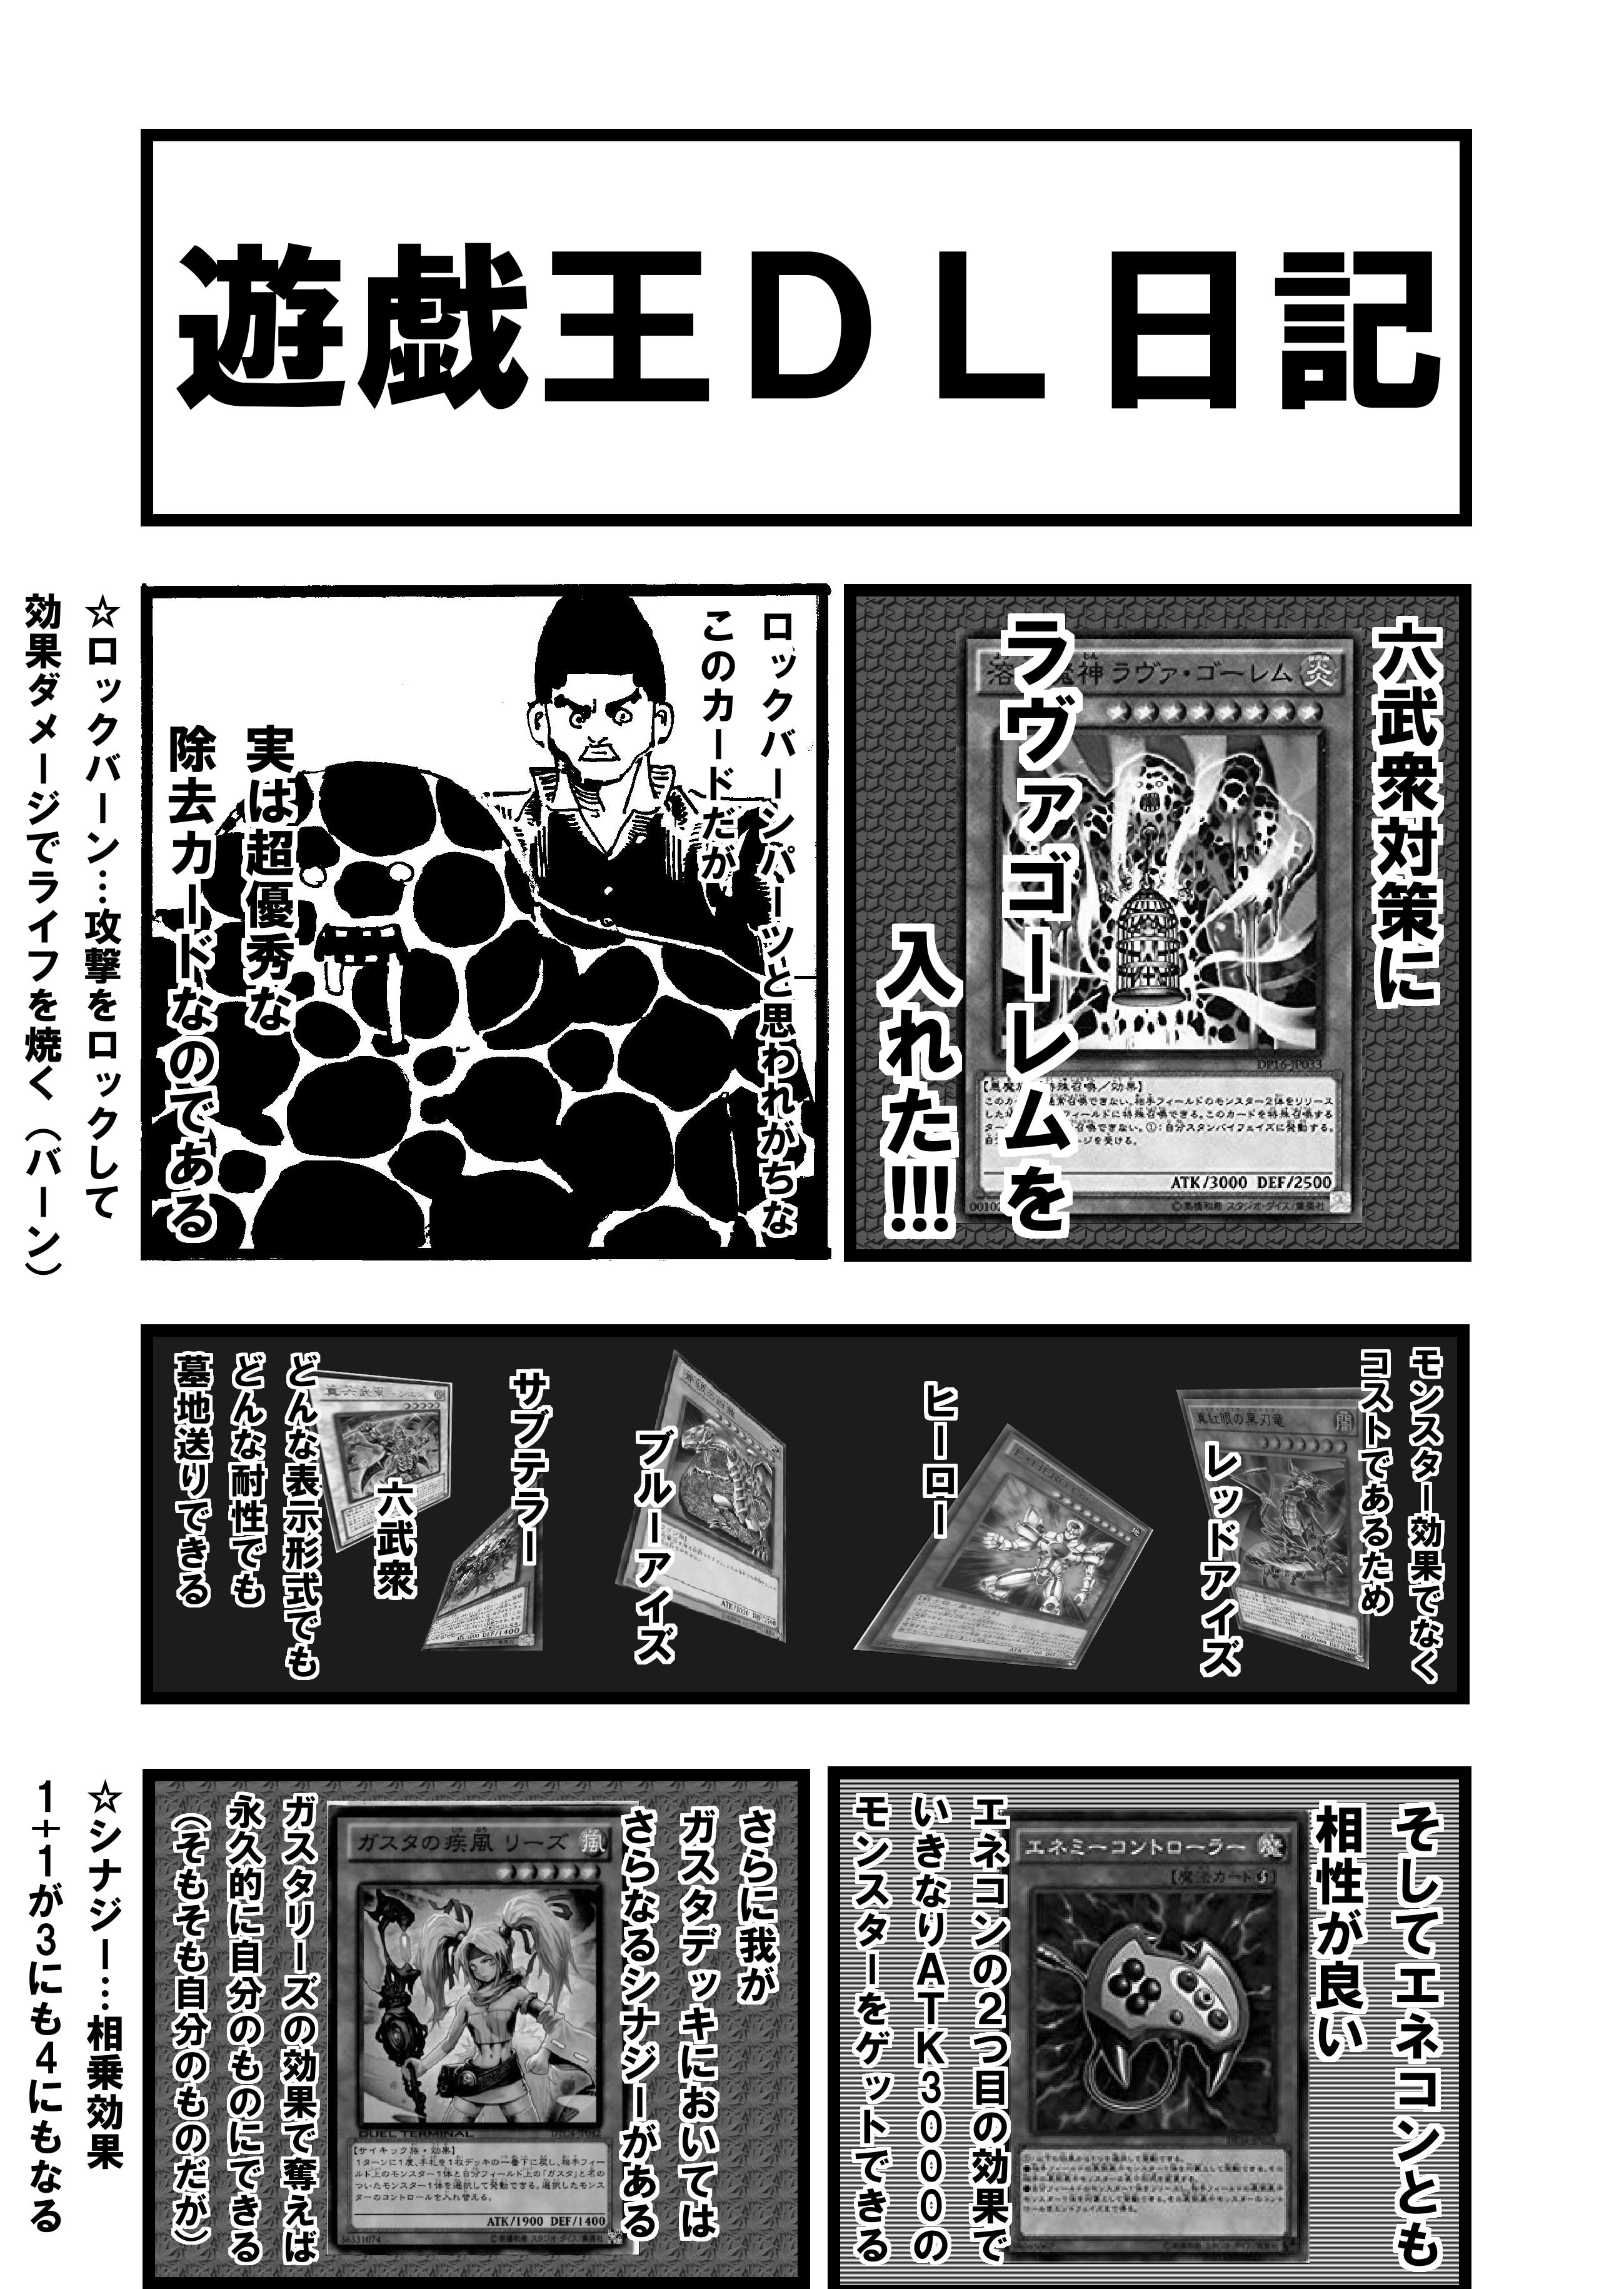 遊戯王デュエルリンクス日記10 非情